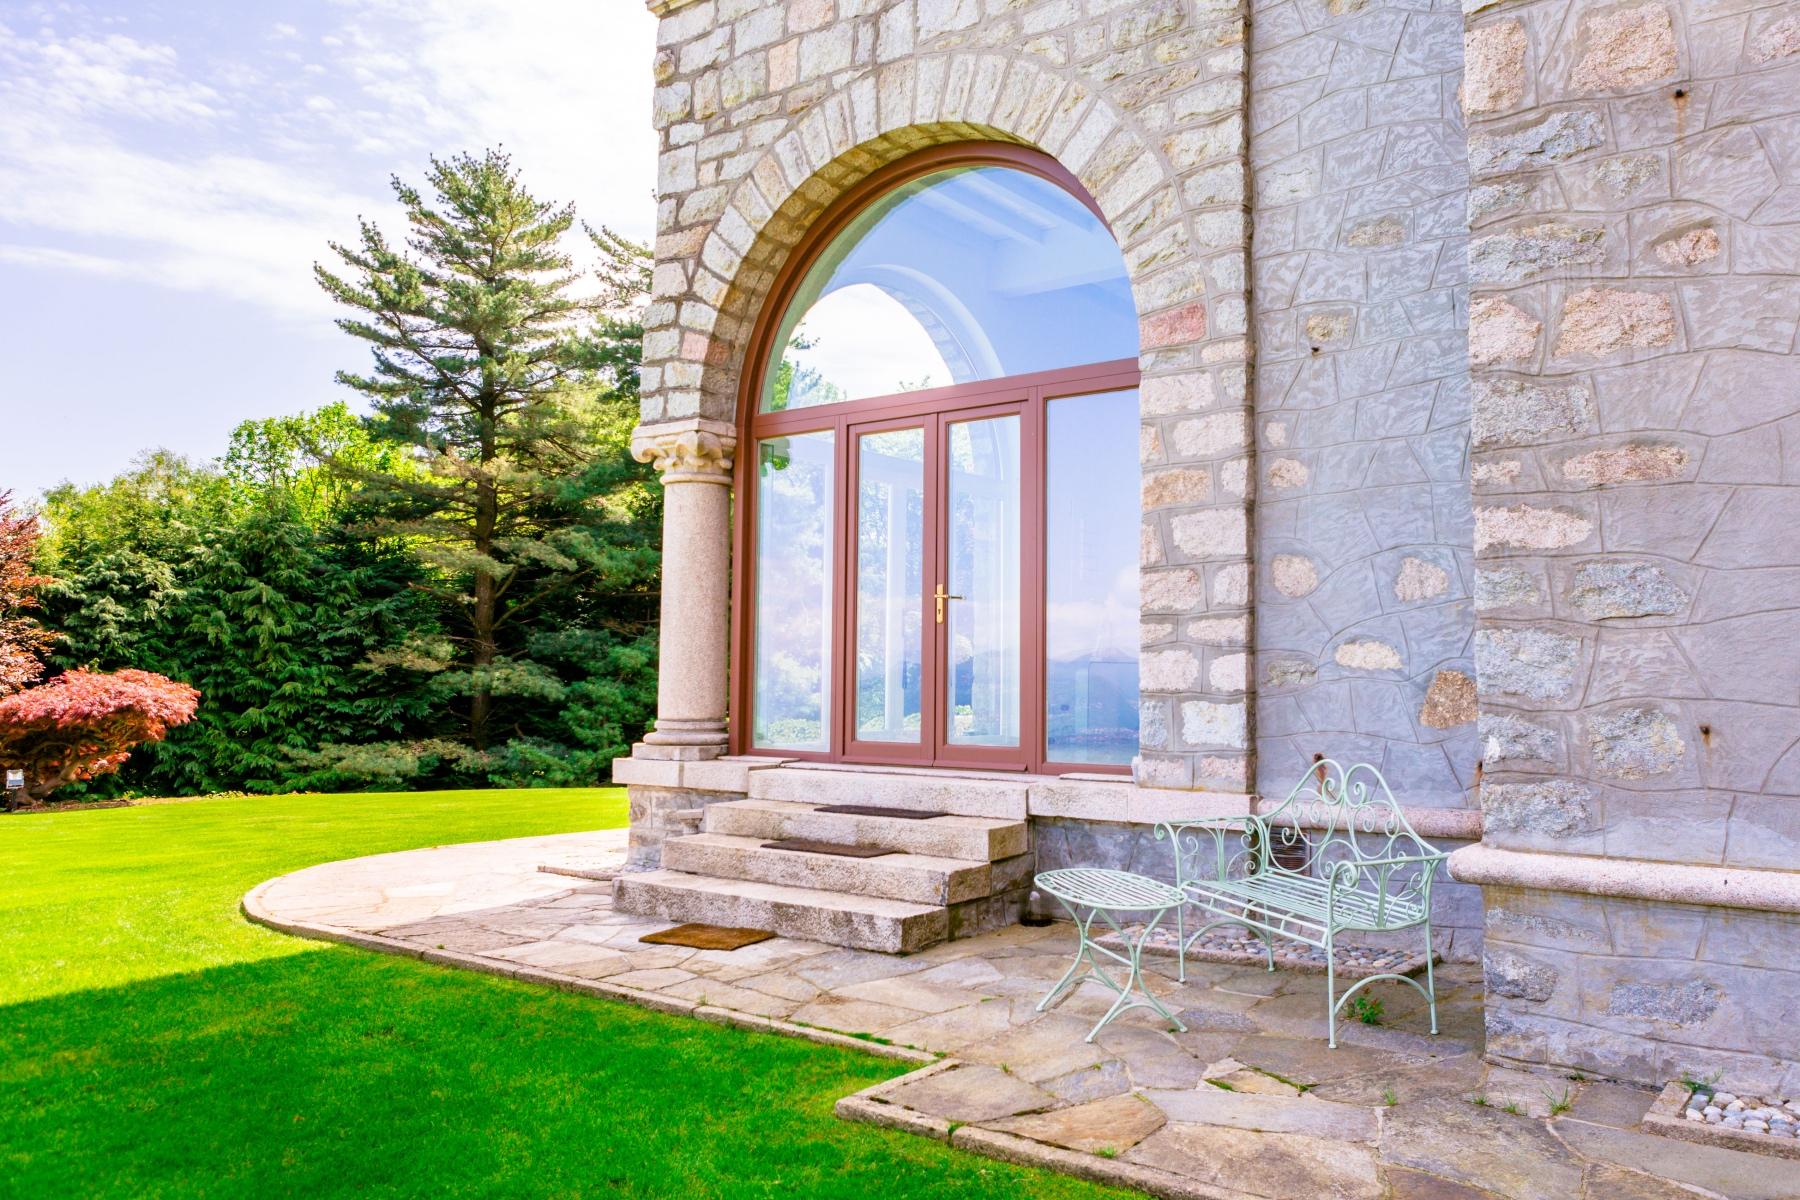 Villa di lusso in vendita a Stresa Via Degli alpini  TrovoCasa Pregio  W6424632